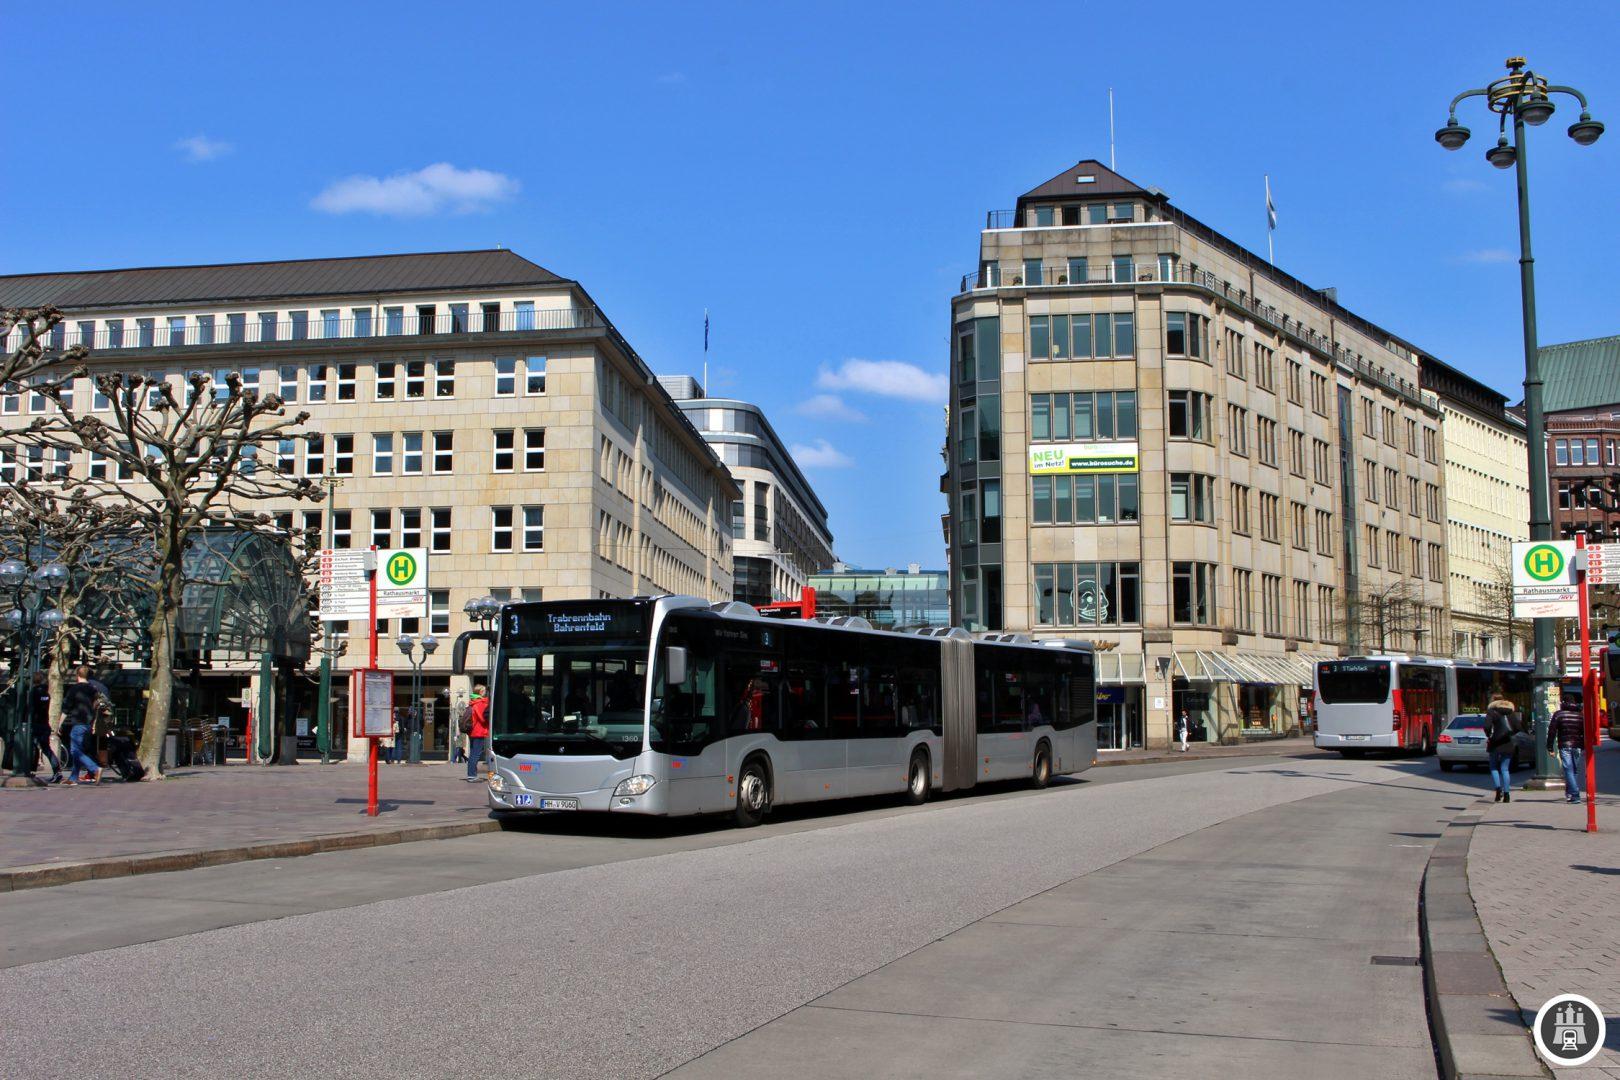 Der Rathausmarkt ist einer der zentralen Umsteigepunkte des Hamburger Bussystems. 4 Metrobuslinien treffen sich hier. In der Nacht starten von hier aus diverse Nachtbusse in die Hamburger Stadtteile. An der Petrikirche enden die Kurzläufer der 3.